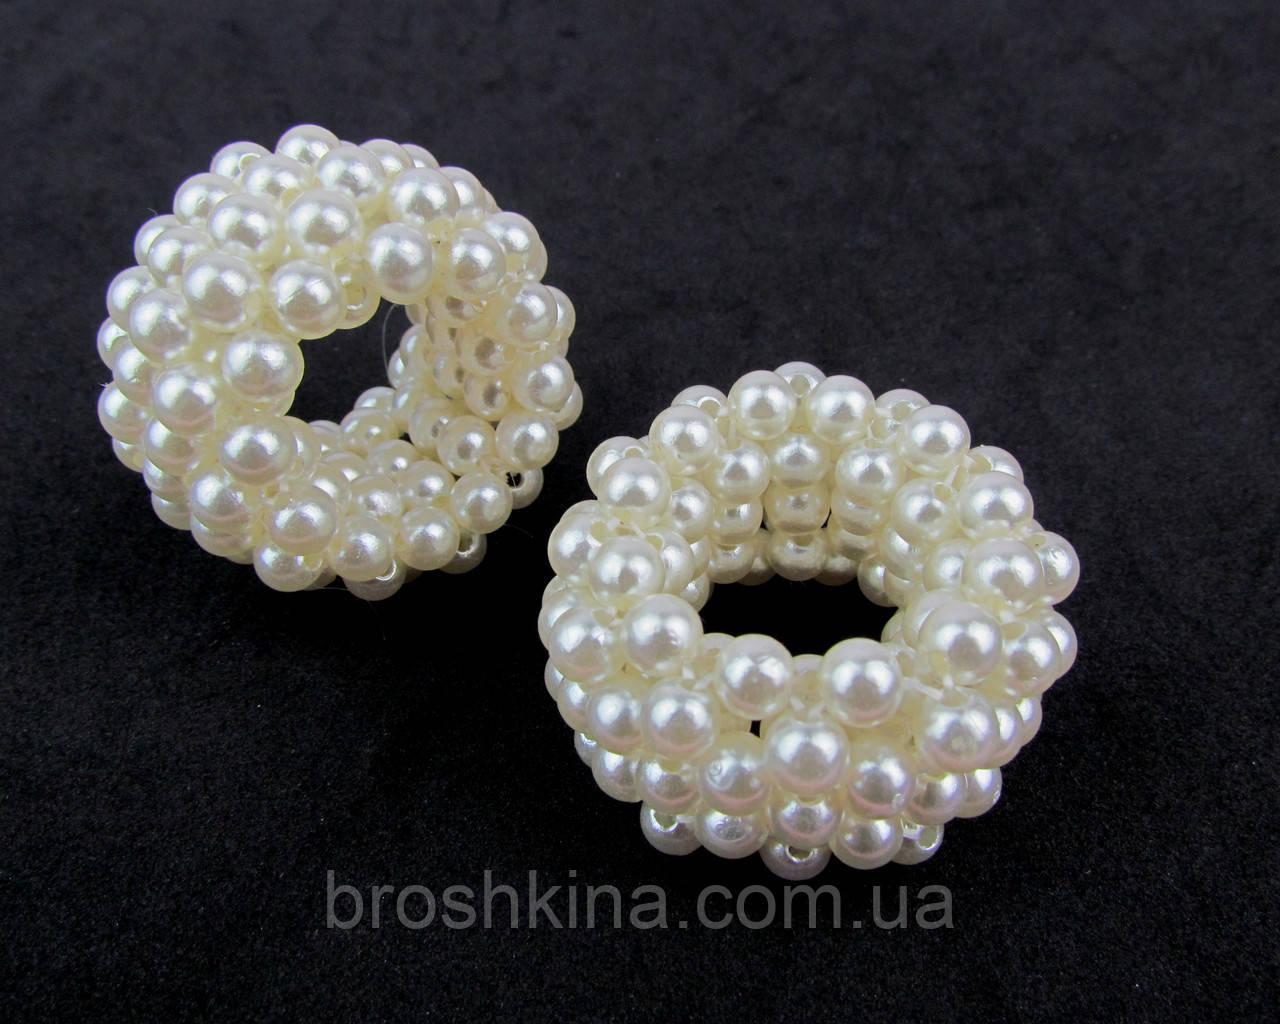 Жемчужные резинки для волос диаметр 4 см белые 6 шт.